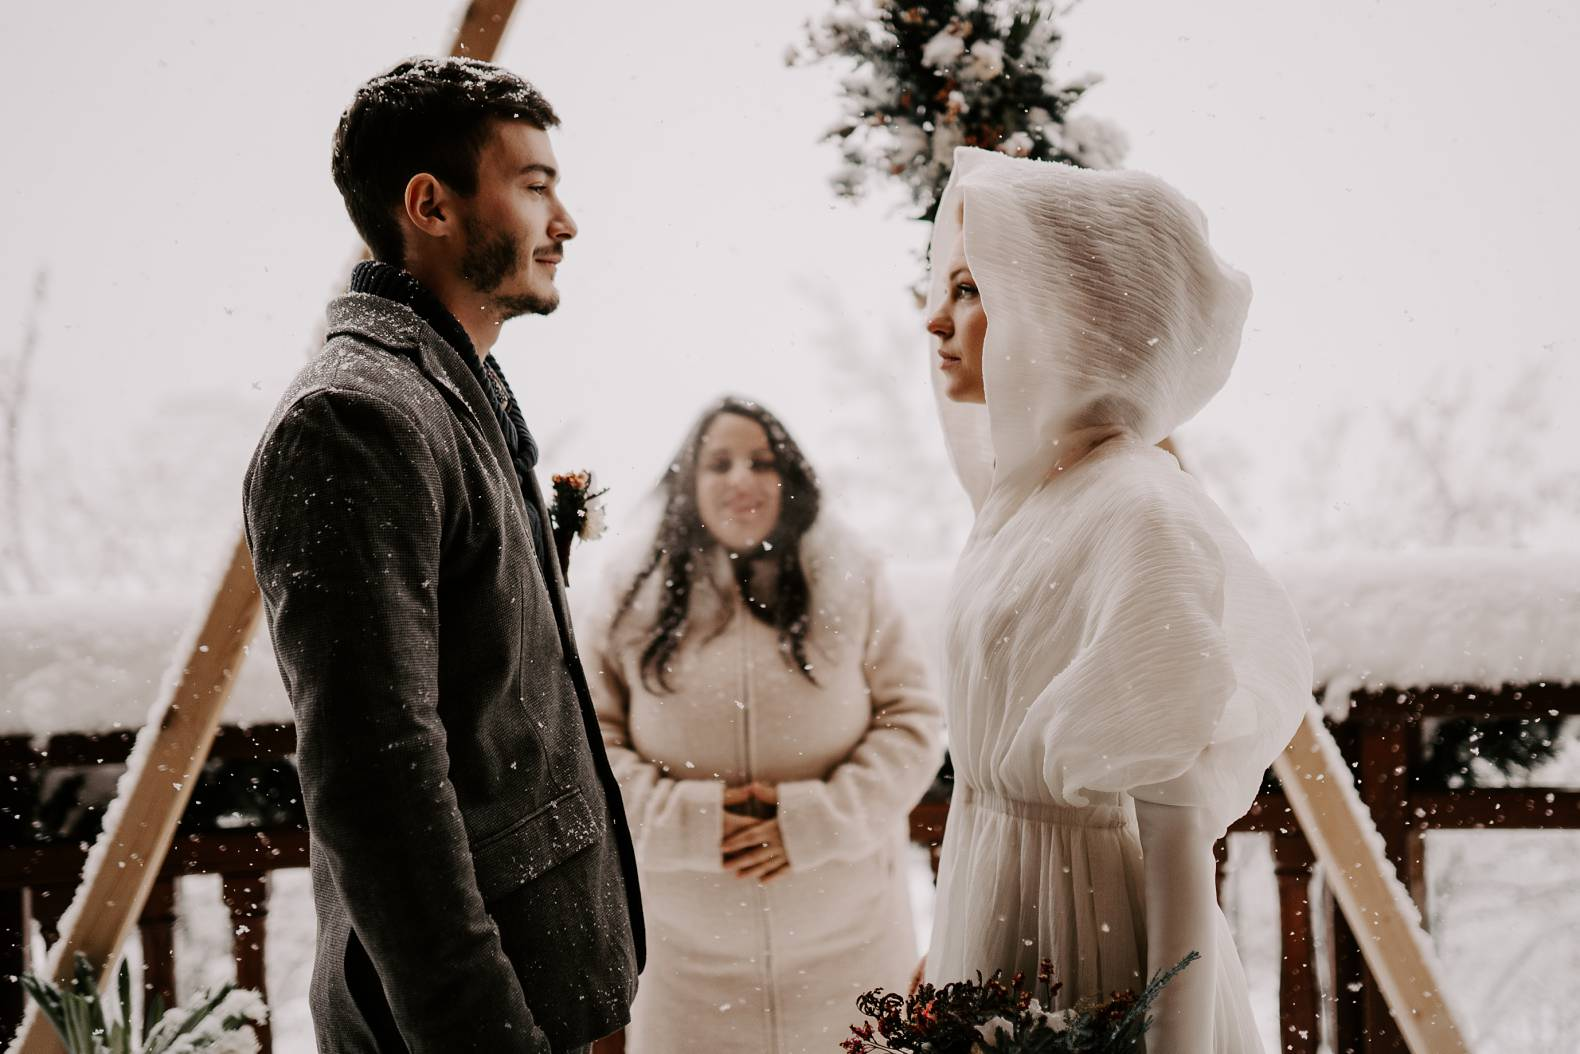 mariage hiver alpes huez isere hotel grandes rousses photographe bel esprit 0024